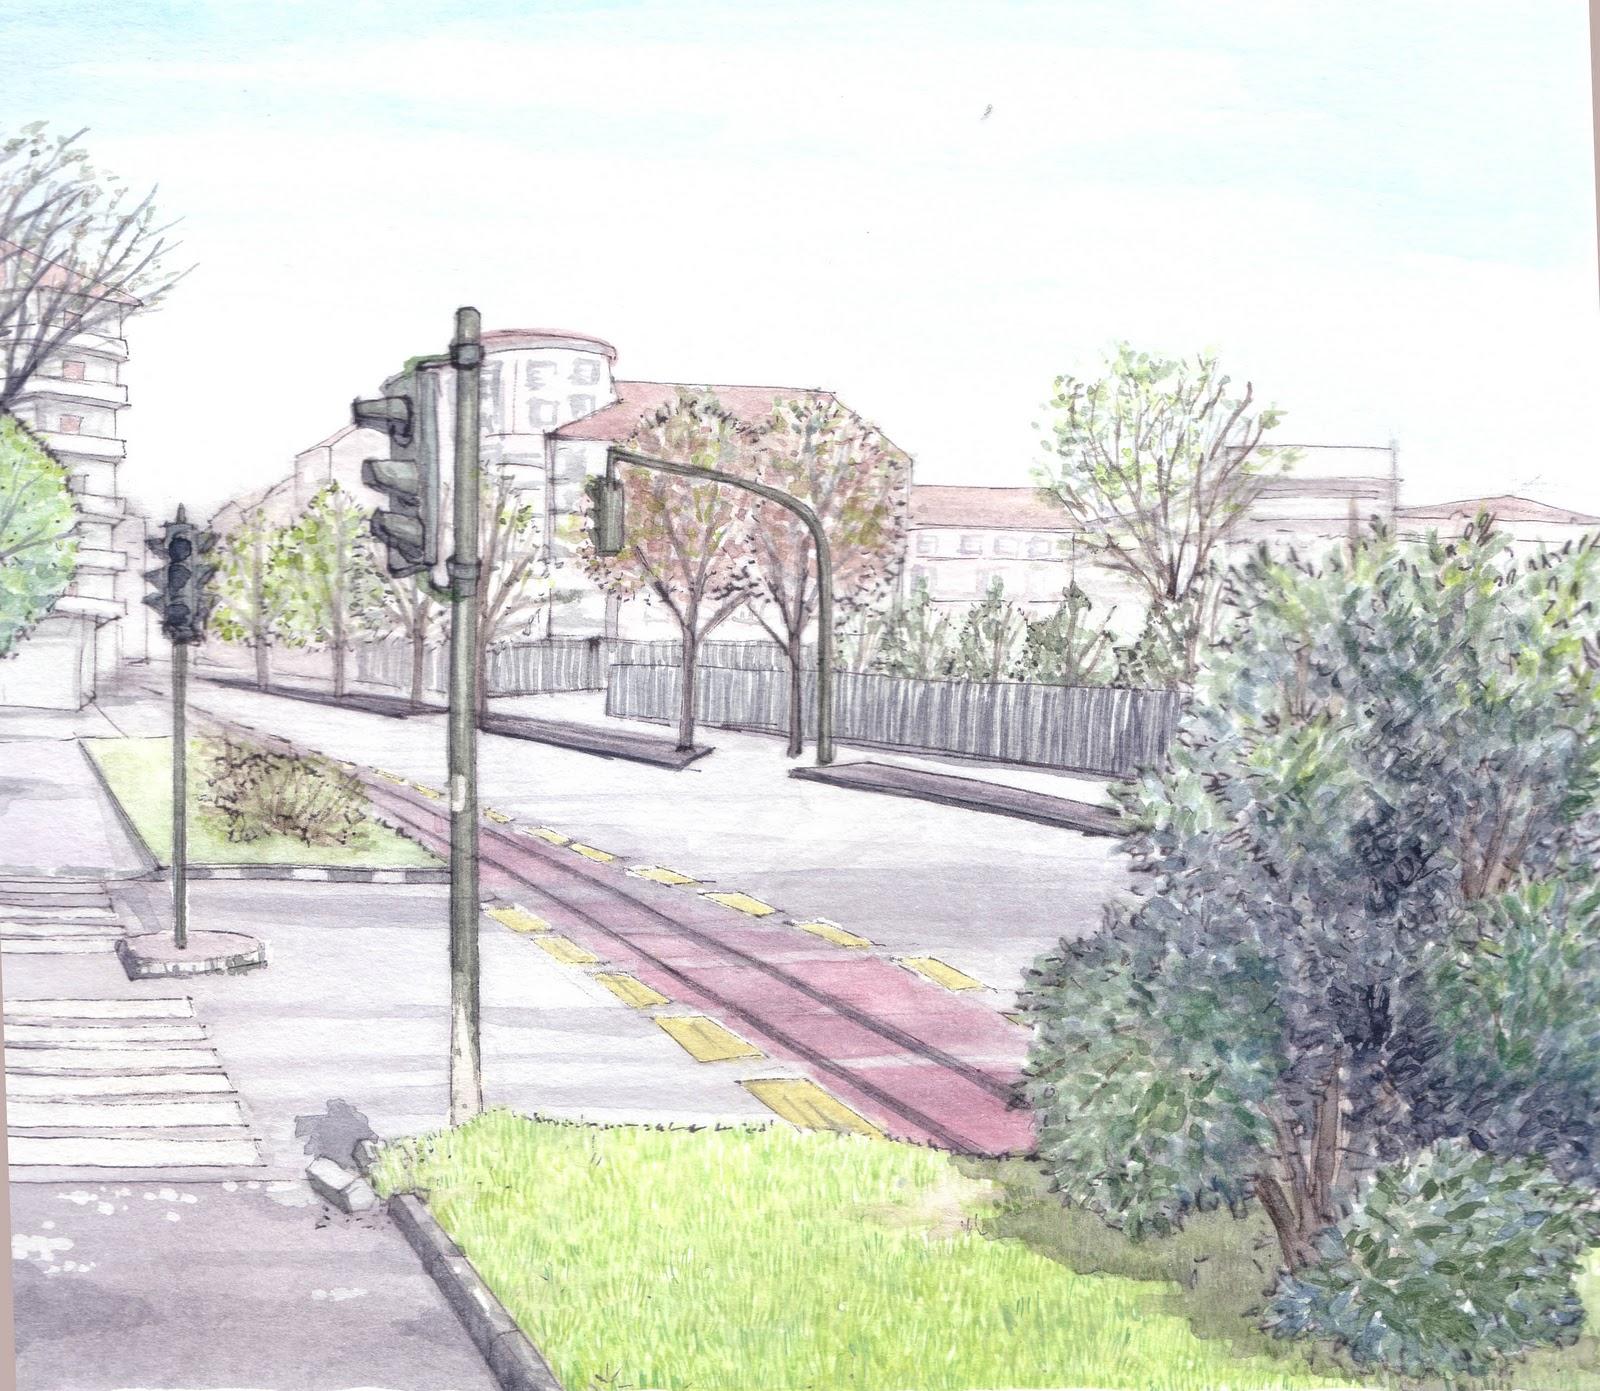 Giardinetti Incroci stradali